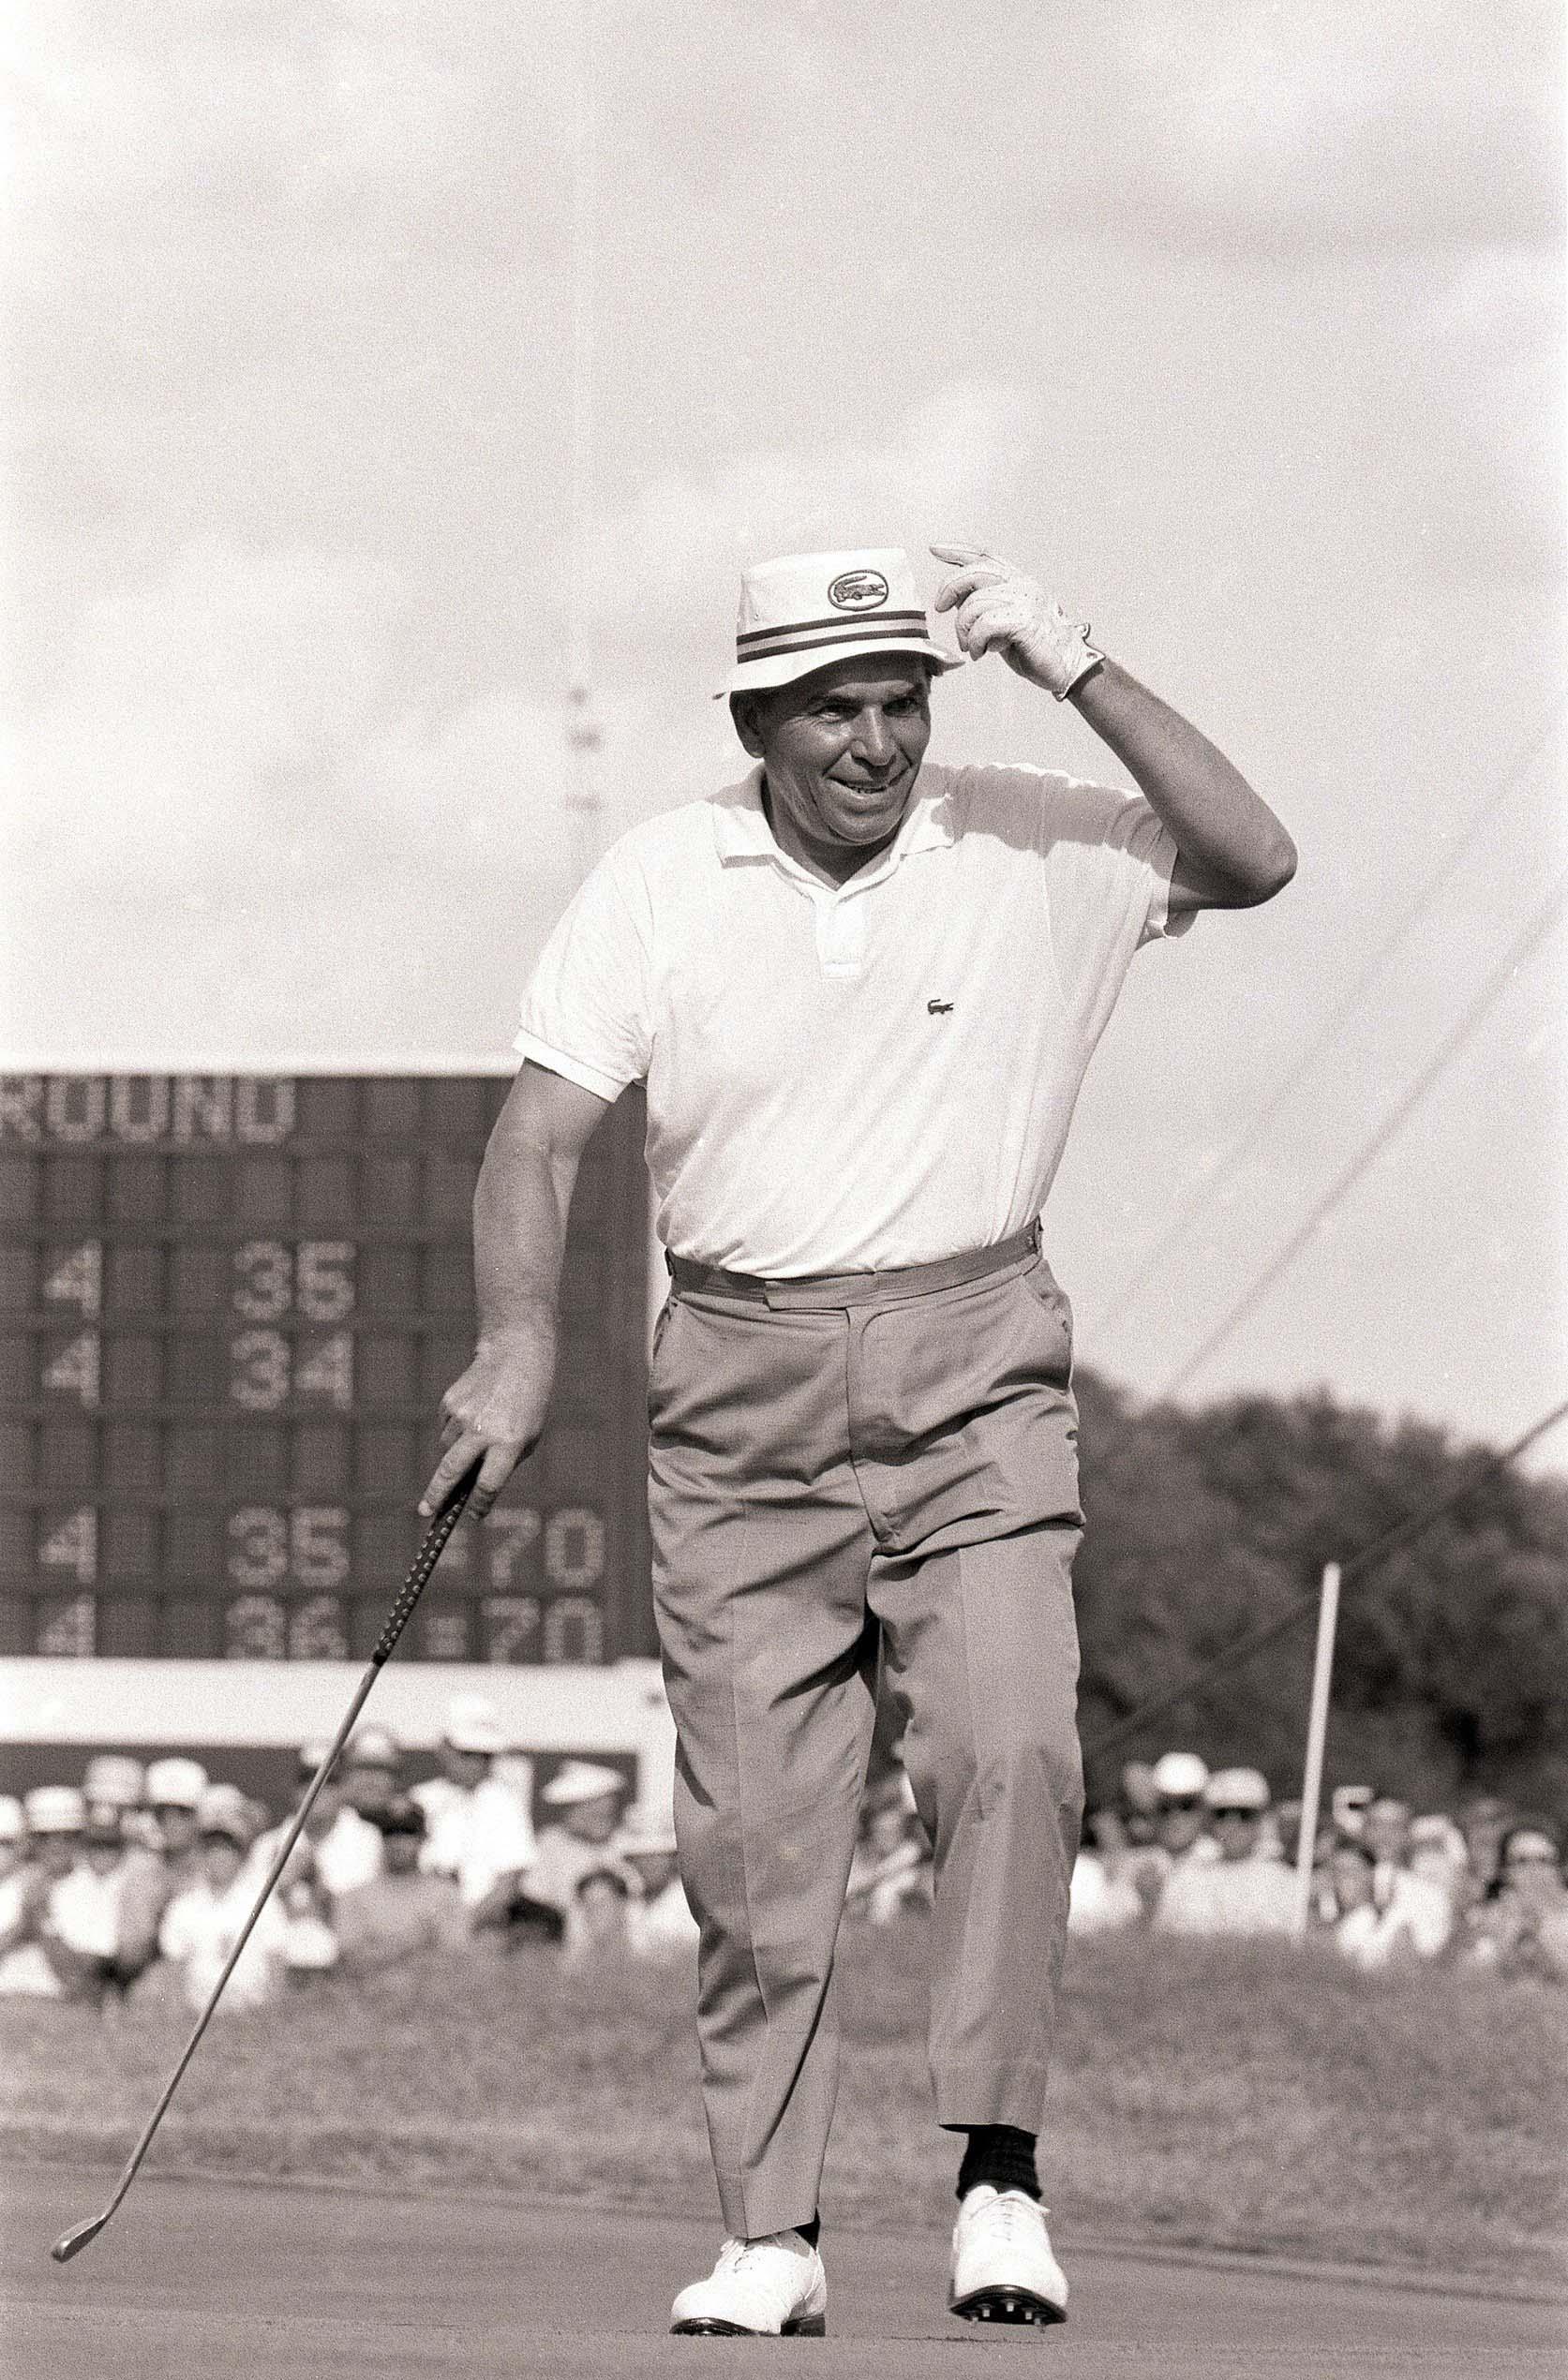 10. 1968: Age before Arnie